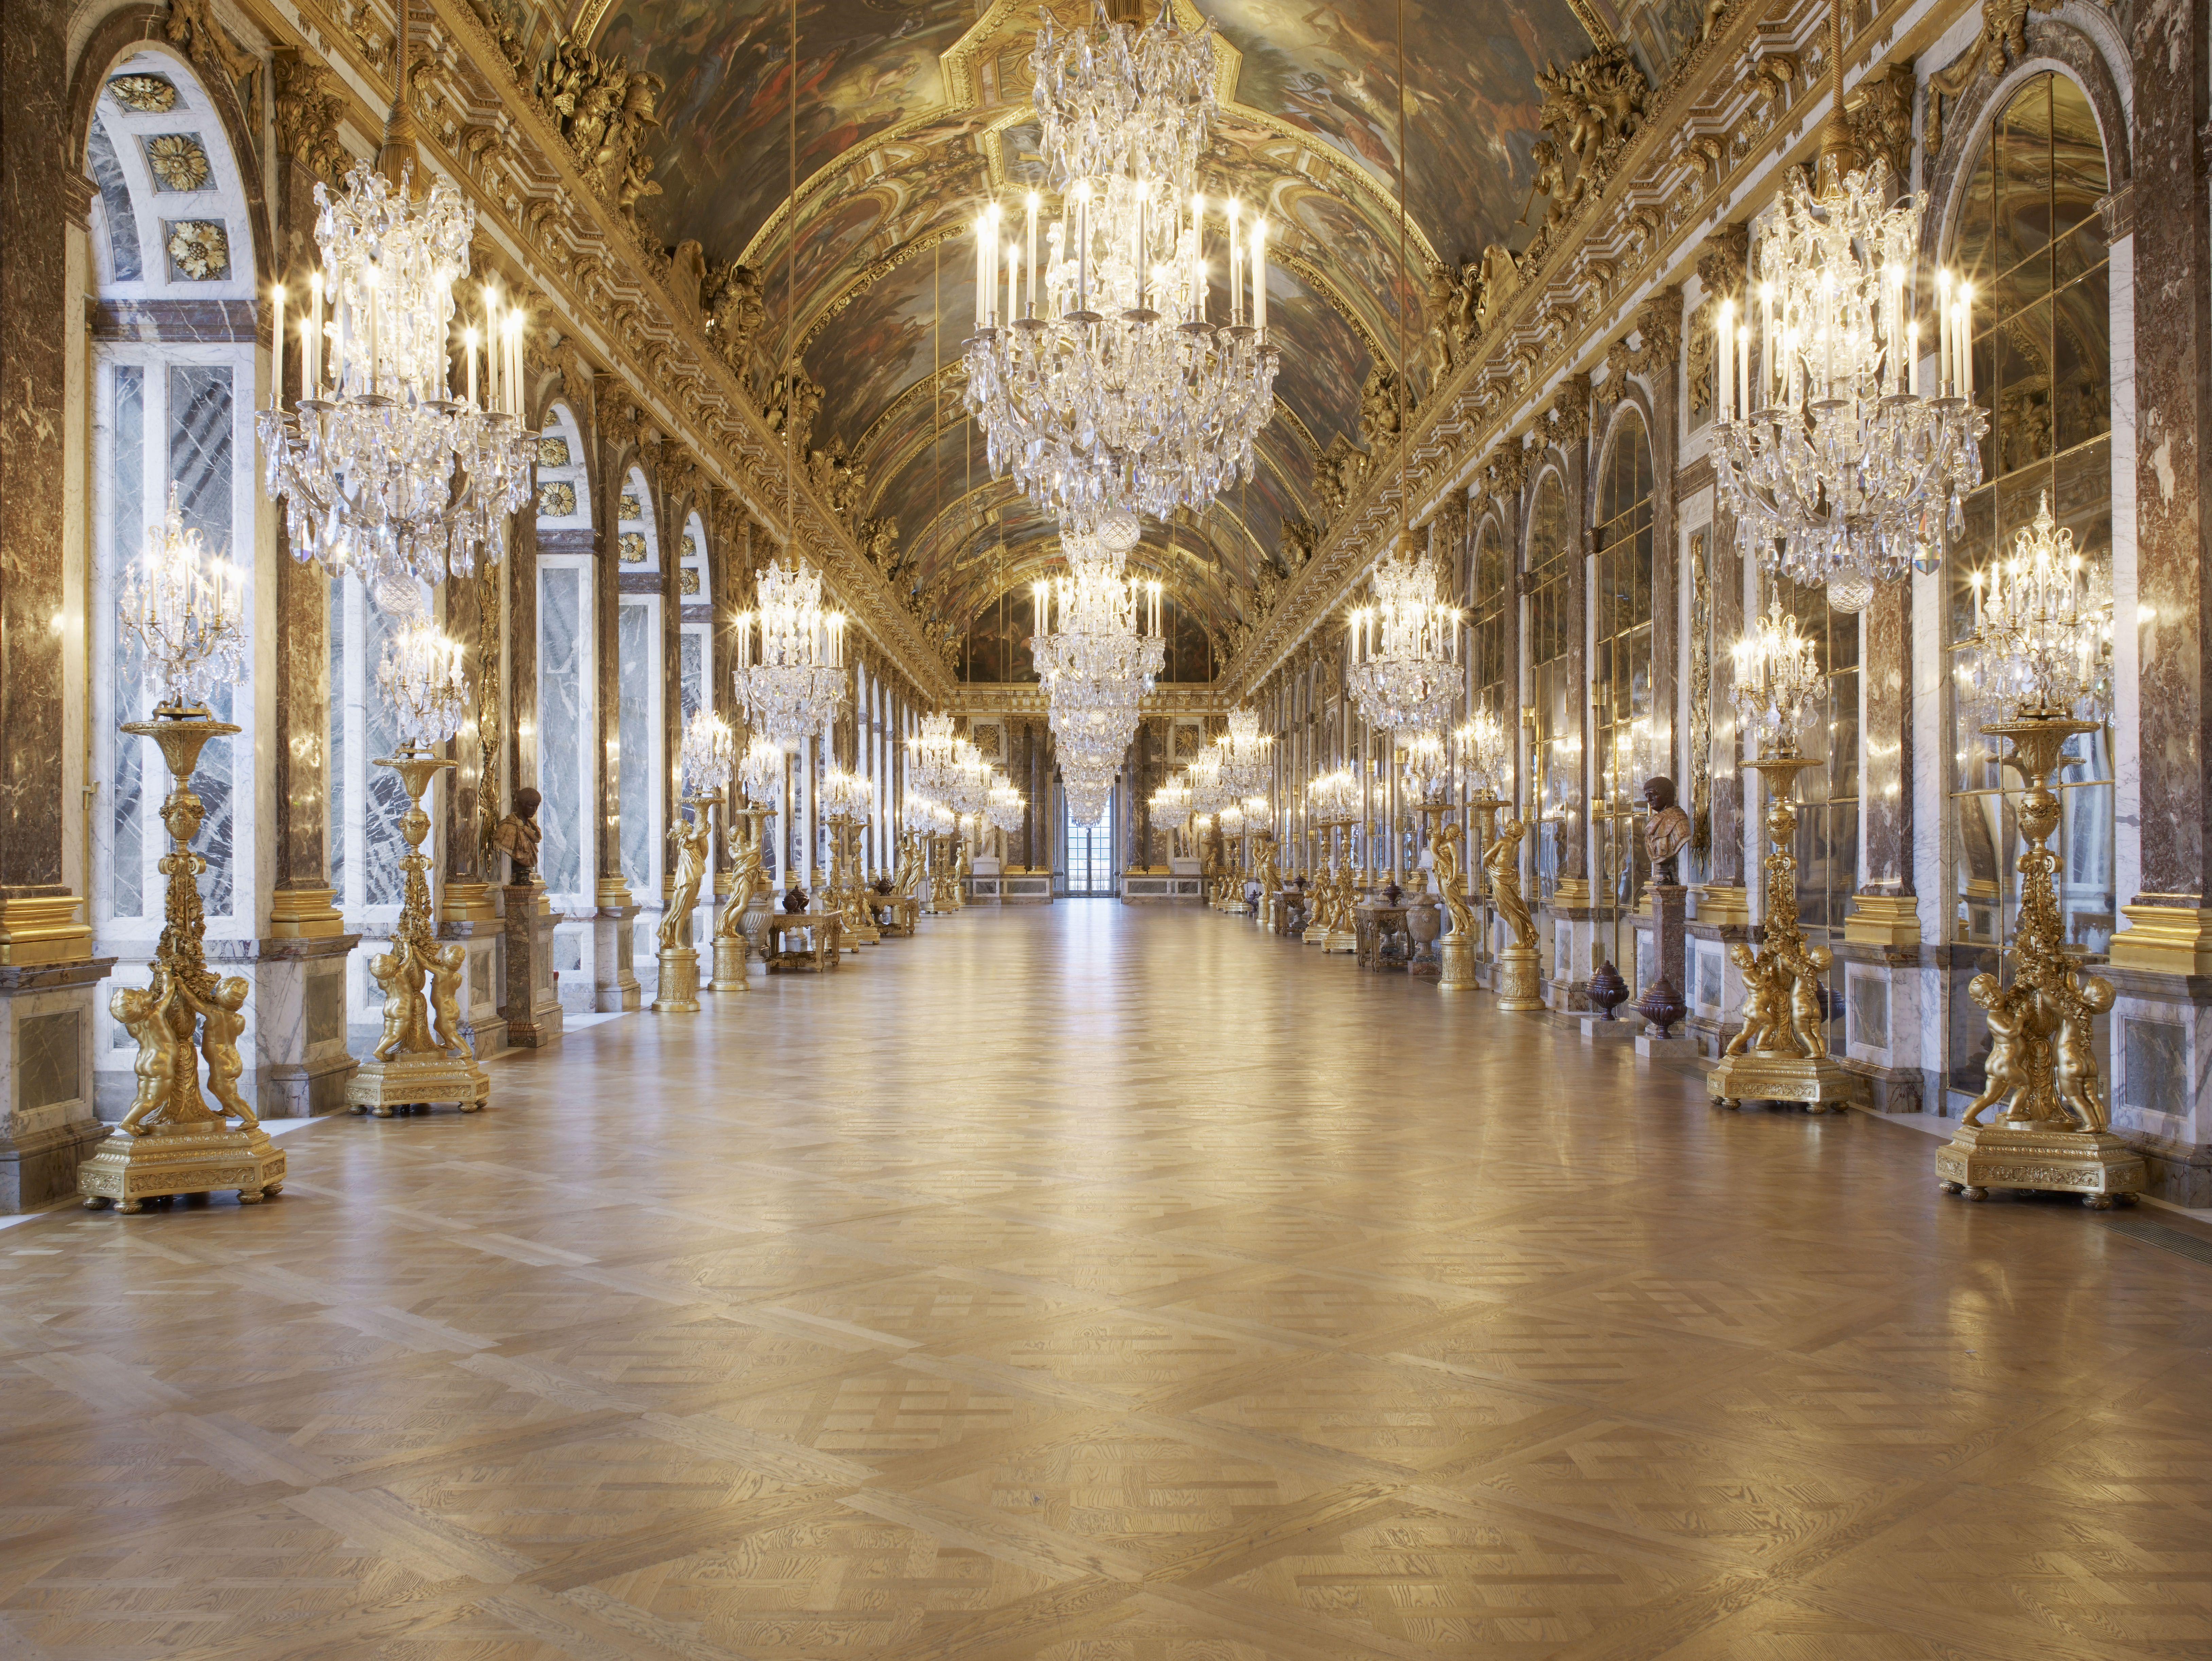 2c0462d54a9ba09a9625ed5fe80e7c77 - Palace Of Versailles Gardens Outdoor Ballroom